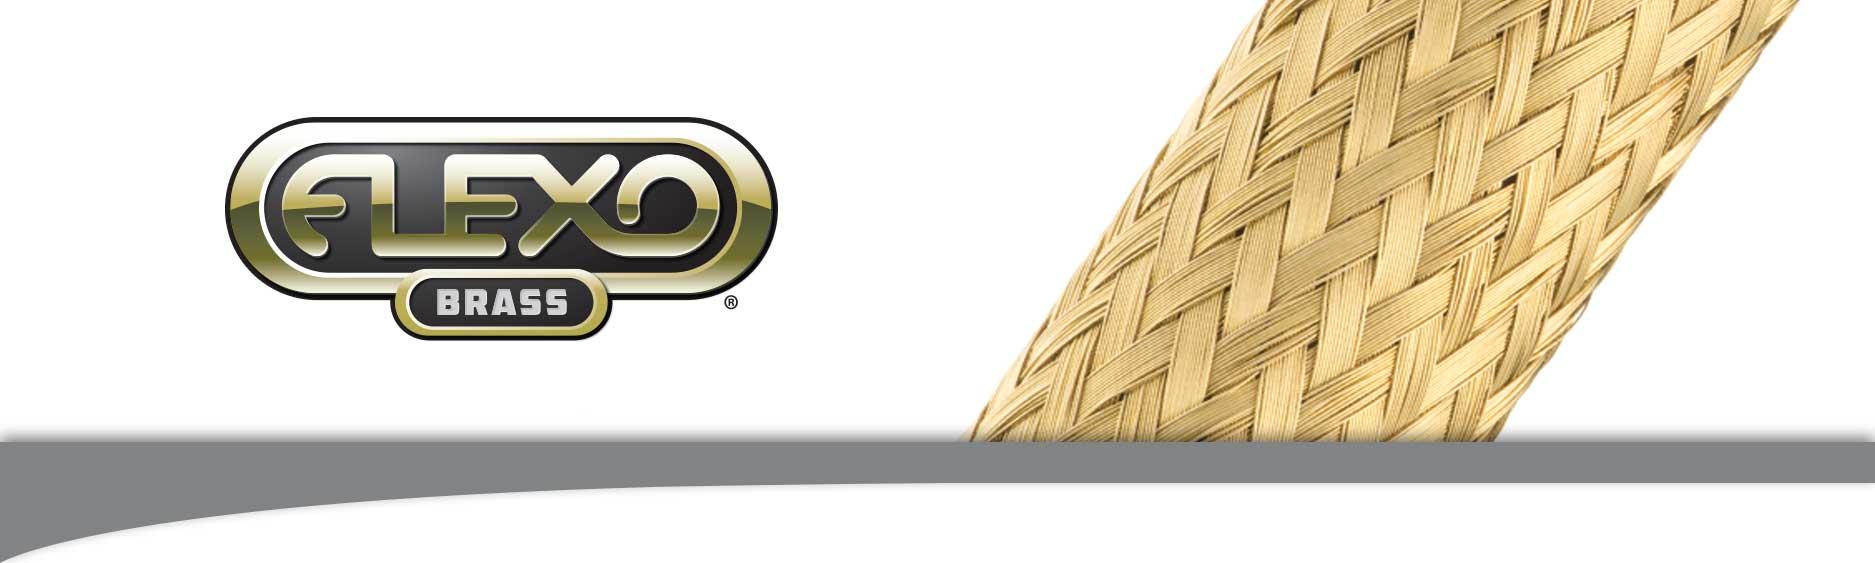 http://myshop-s3.r.worldssl.net/shop2658800.pictures.brass-logo.jpg